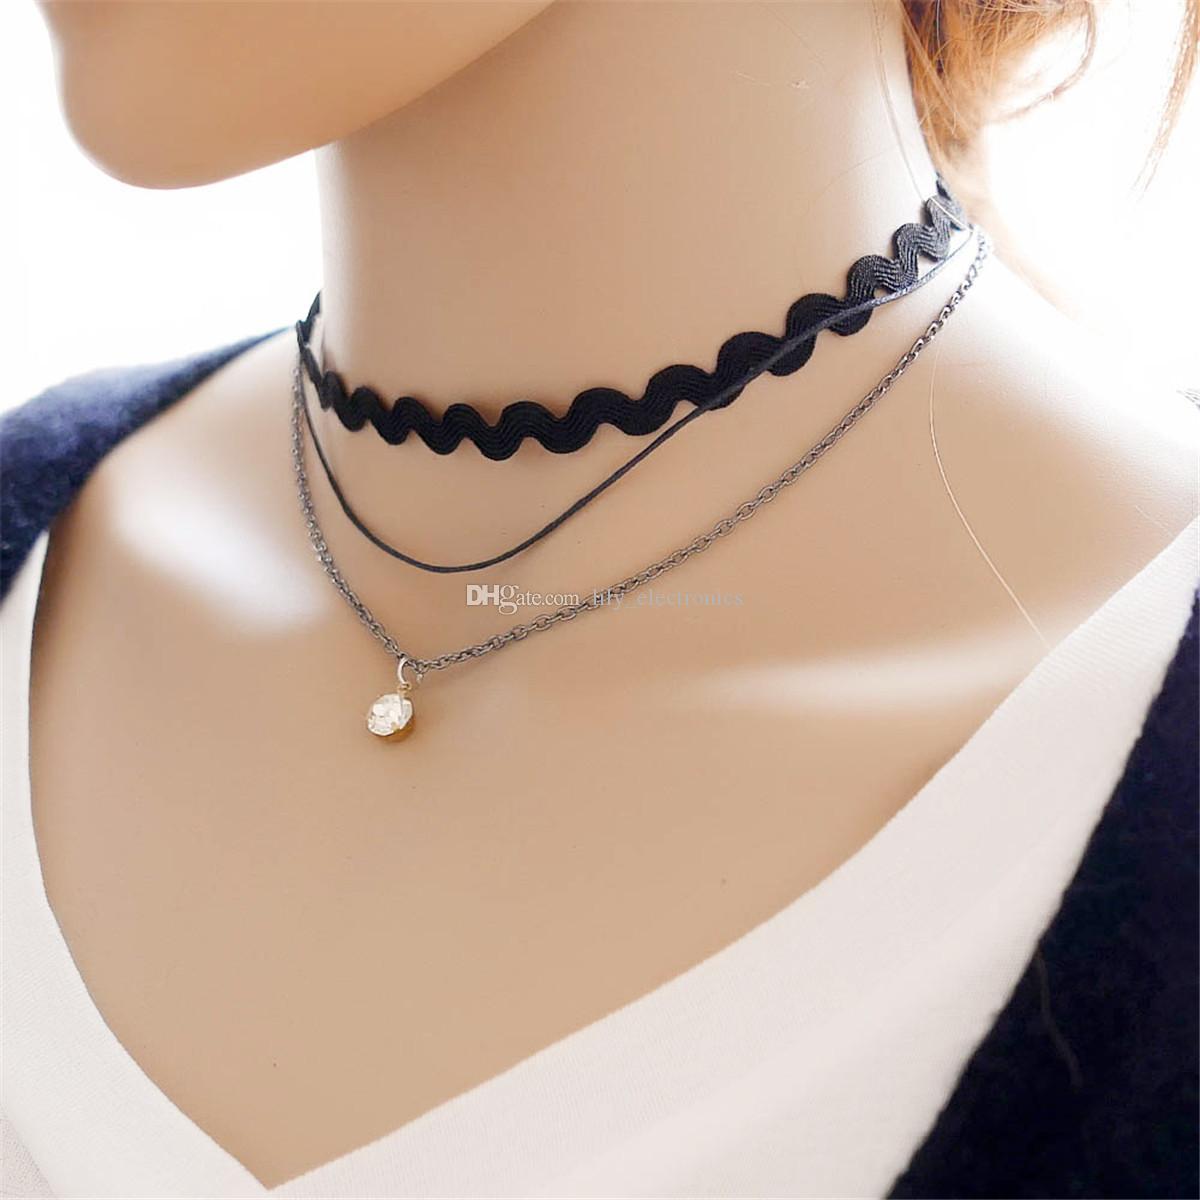 Collar de encaje gótico negro onda collar de aleación de múltiples capas de la corona colgante de cristal de la cadena Joyas para mujeres Pack de 10 piezas